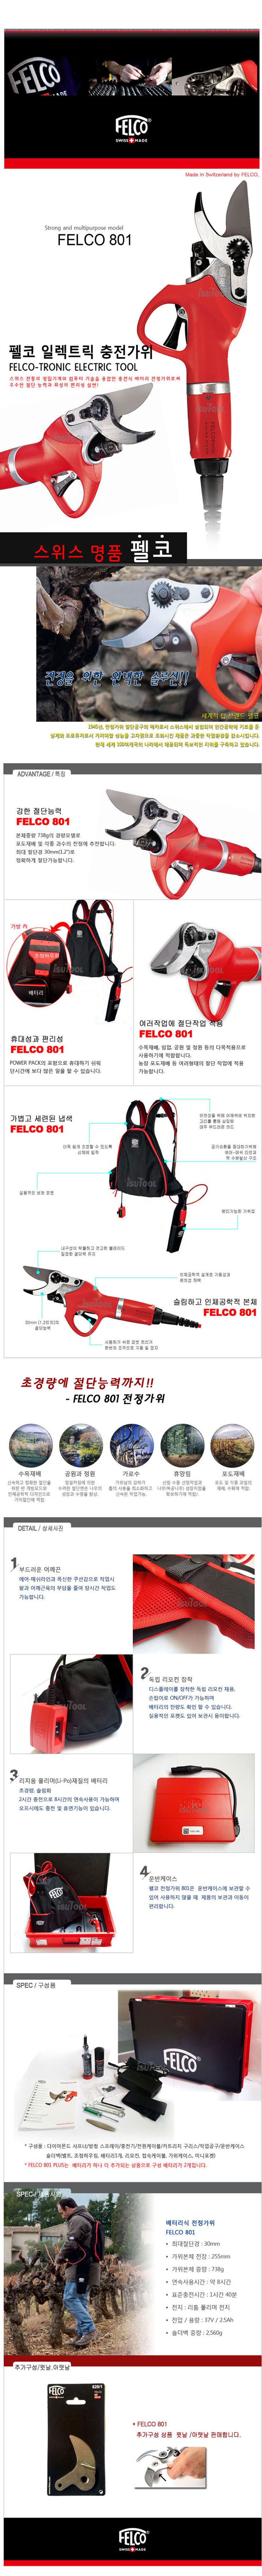 6731%20FELCO801-02.jpg